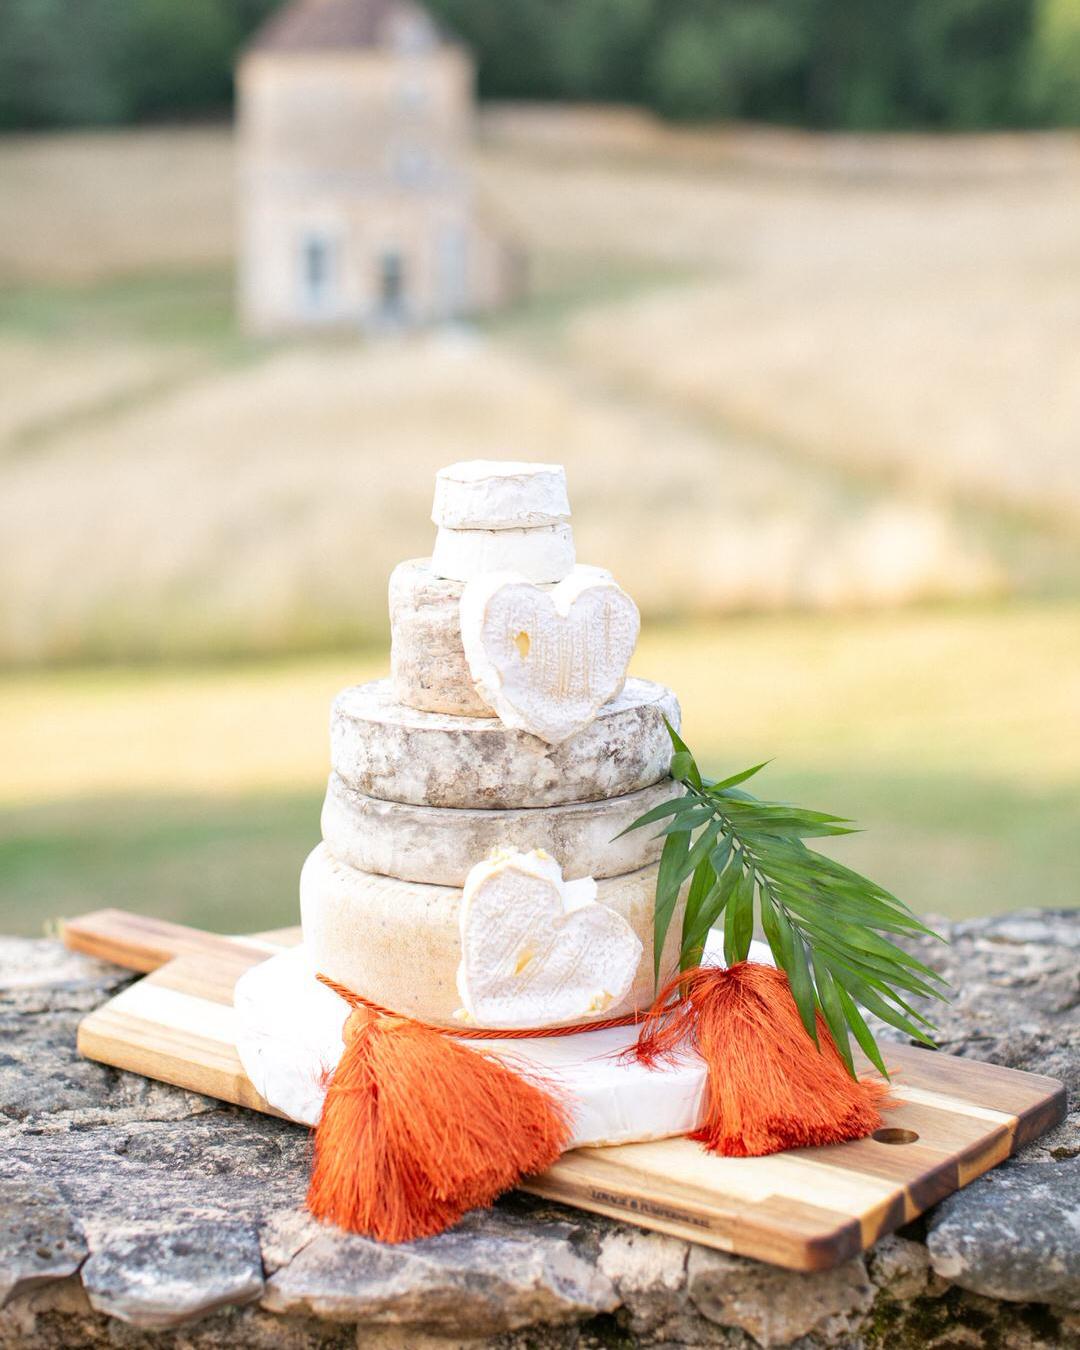 jen tim wedding cheesecake on wooden board